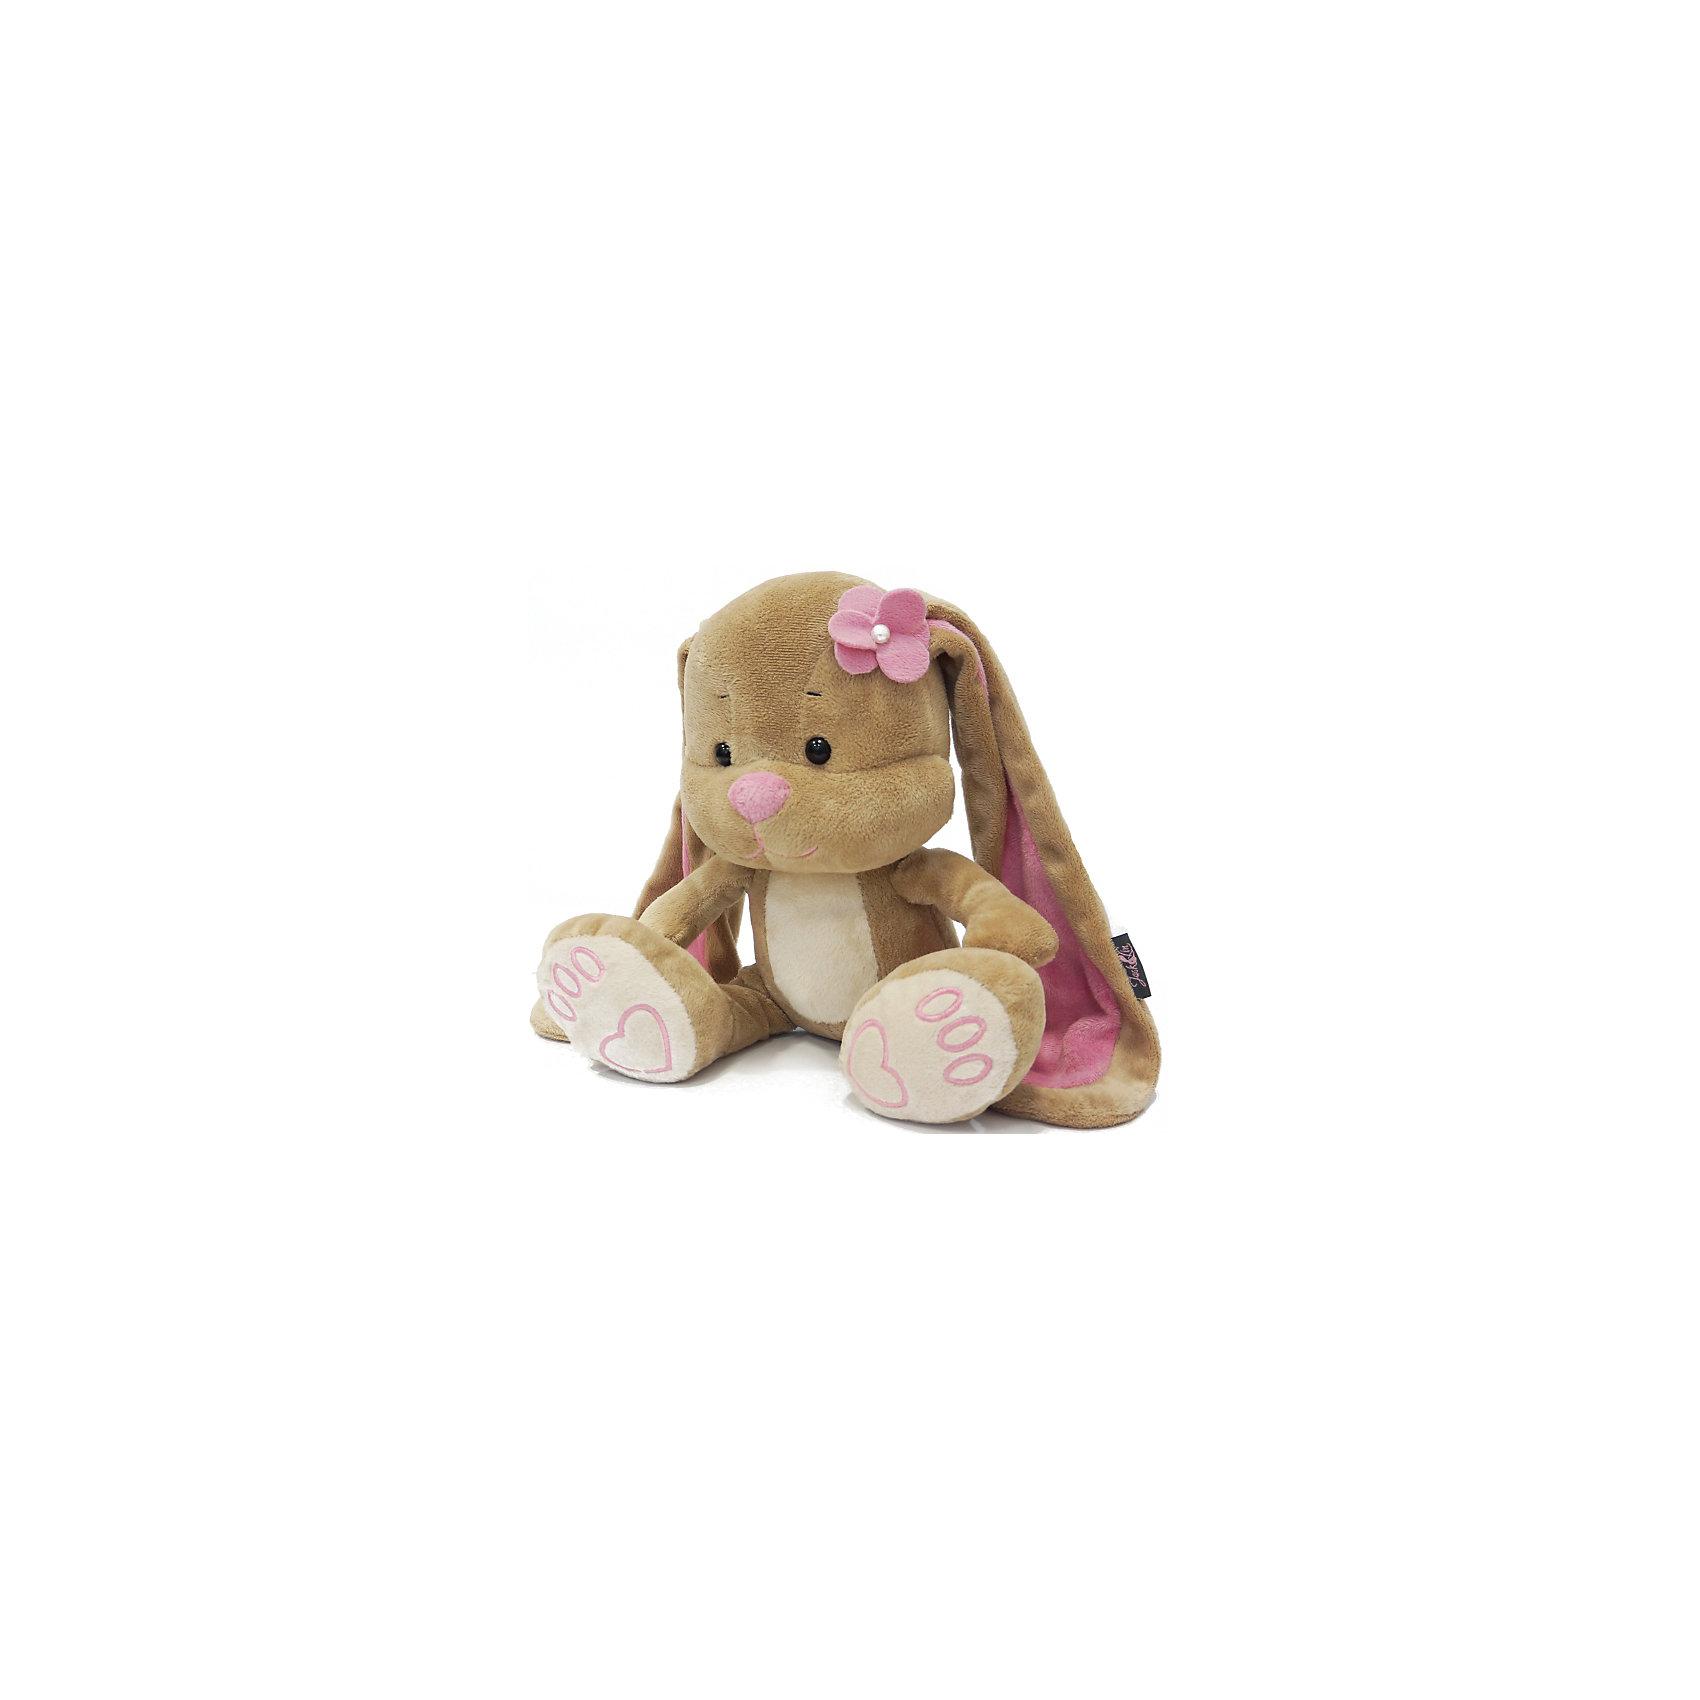 Зайка Лин с цветочком на голове, 25 см, MAXITOYSОчень симпатичная мягкая игрушка сделана в виде Зайца с цветочком на голове. Она поможет ребенку проводить время весело и с пользой (такие игрушки развивают воображение и моторику). Смотрится игрушка очень мило - ее хочется трогать и играть с ней.<br>Размер игрушки универсален - 25 сантиметров, её удобно брать с собой в поездки и на прогулку. Сделан Зайка из качественных и безопасных для ребенка материалов, которые еще и приятны на ощупь. Эта игрушка может стать и отличным подарком для взрослого, также она украсит любой интерьер.<br><br>Дополнительная информация:<br><br>- материал: мех искусственный, трикотажный, волокно полиэфирное;<br>- высота: 25 см.<br><br>Игрушку Зайка Лин с цветочком на голове, 25 см, от марки MAXITOYS можно купить в нашем магазине.<br><br>Ширина мм: 170<br>Глубина мм: 200<br>Высота мм: 250<br>Вес г: 221<br>Возраст от месяцев: 36<br>Возраст до месяцев: 1188<br>Пол: Женский<br>Возраст: Детский<br>SKU: 4701896